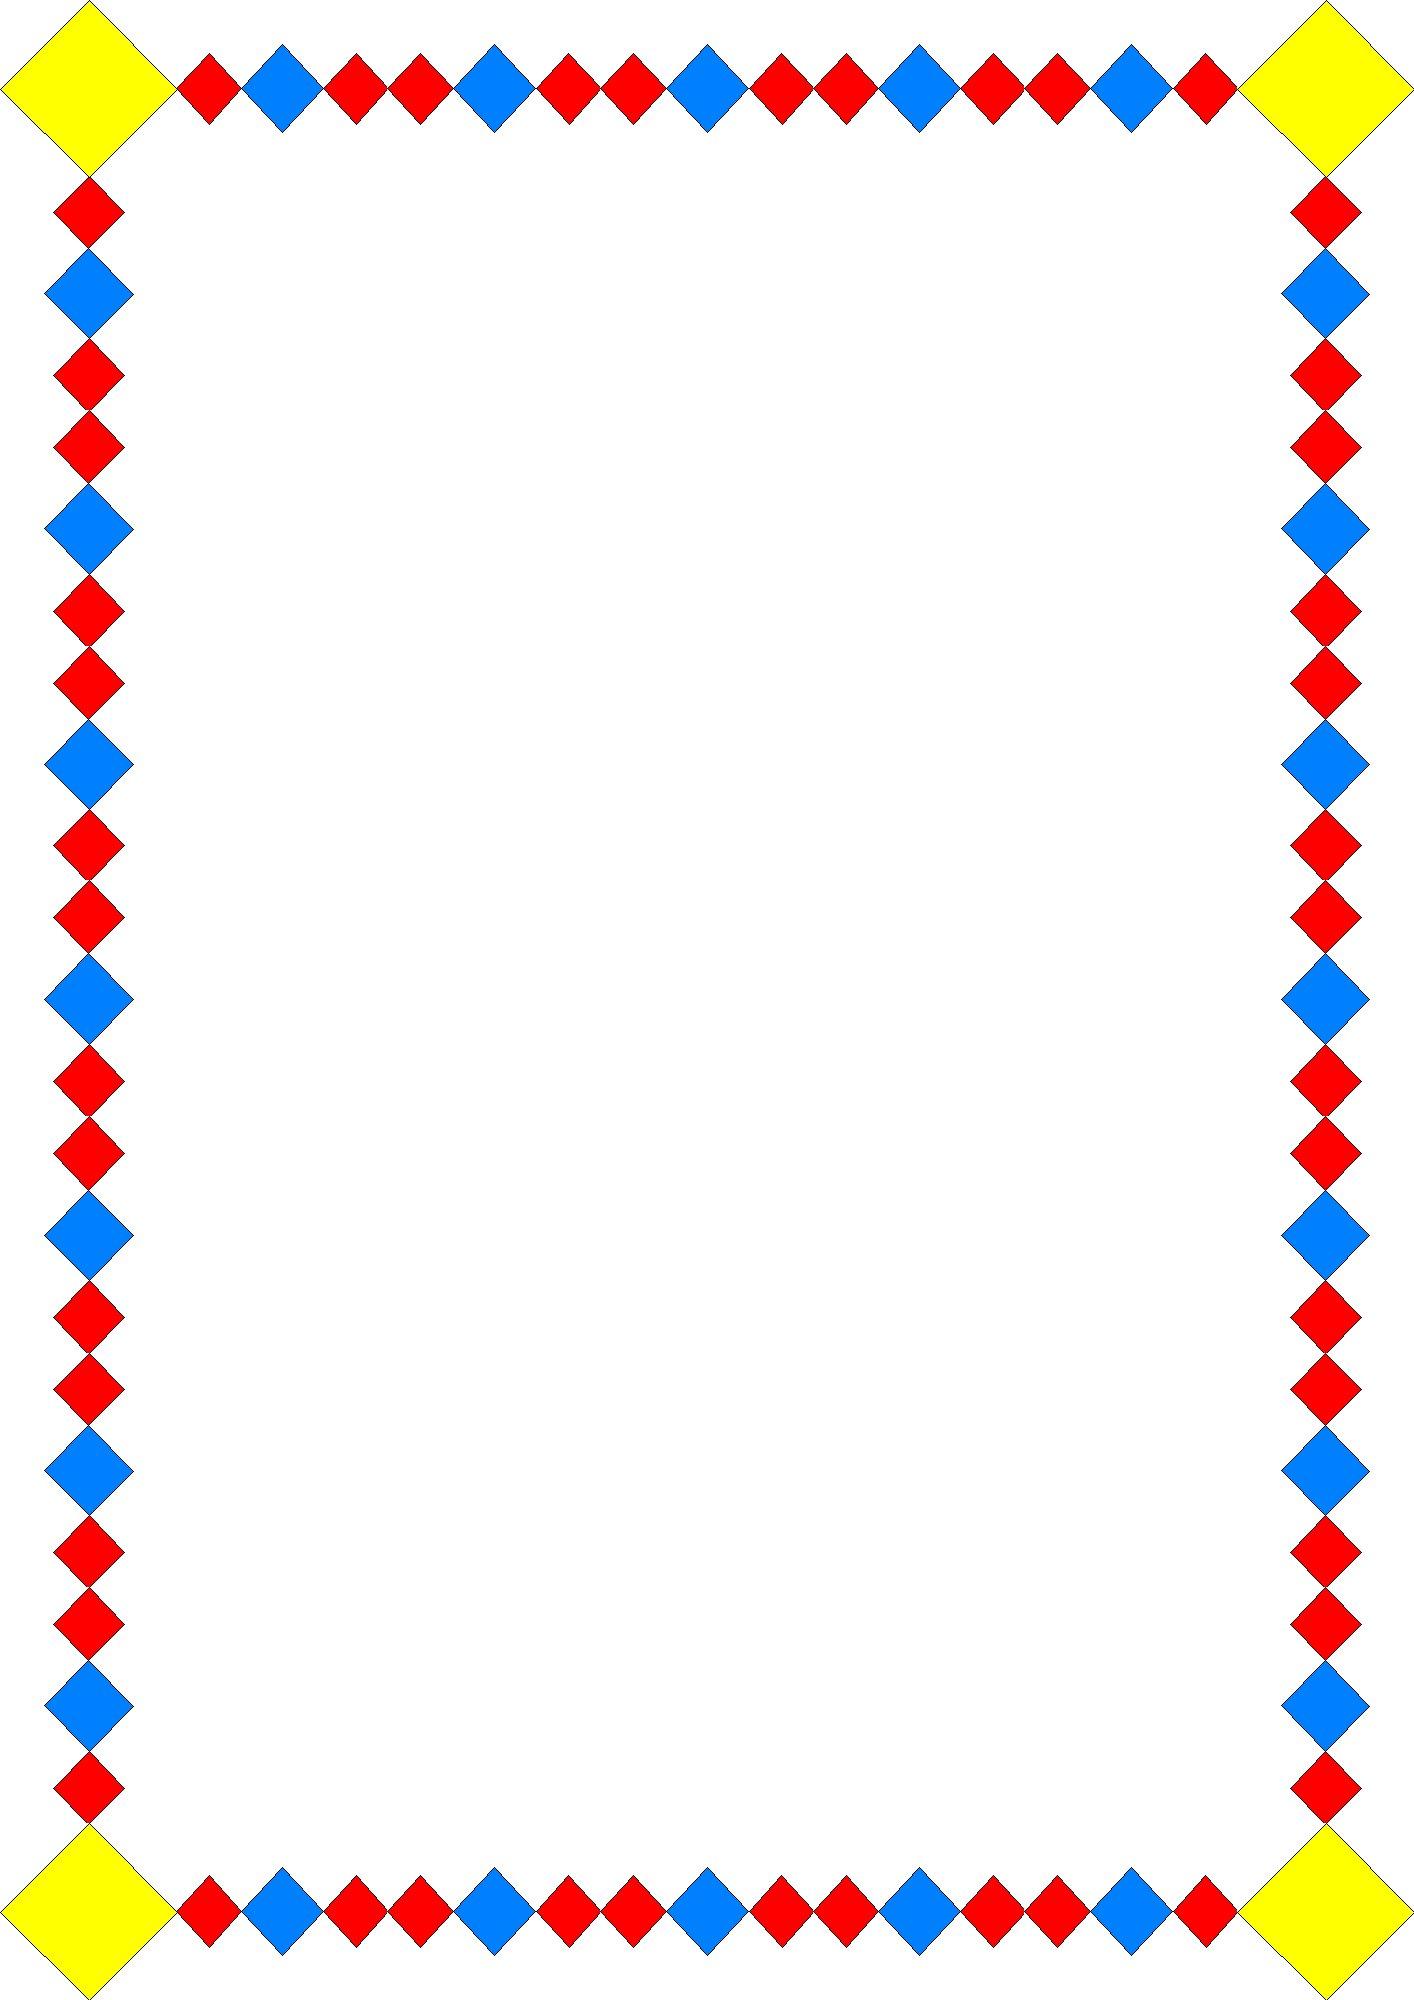 Border frame clipart - .